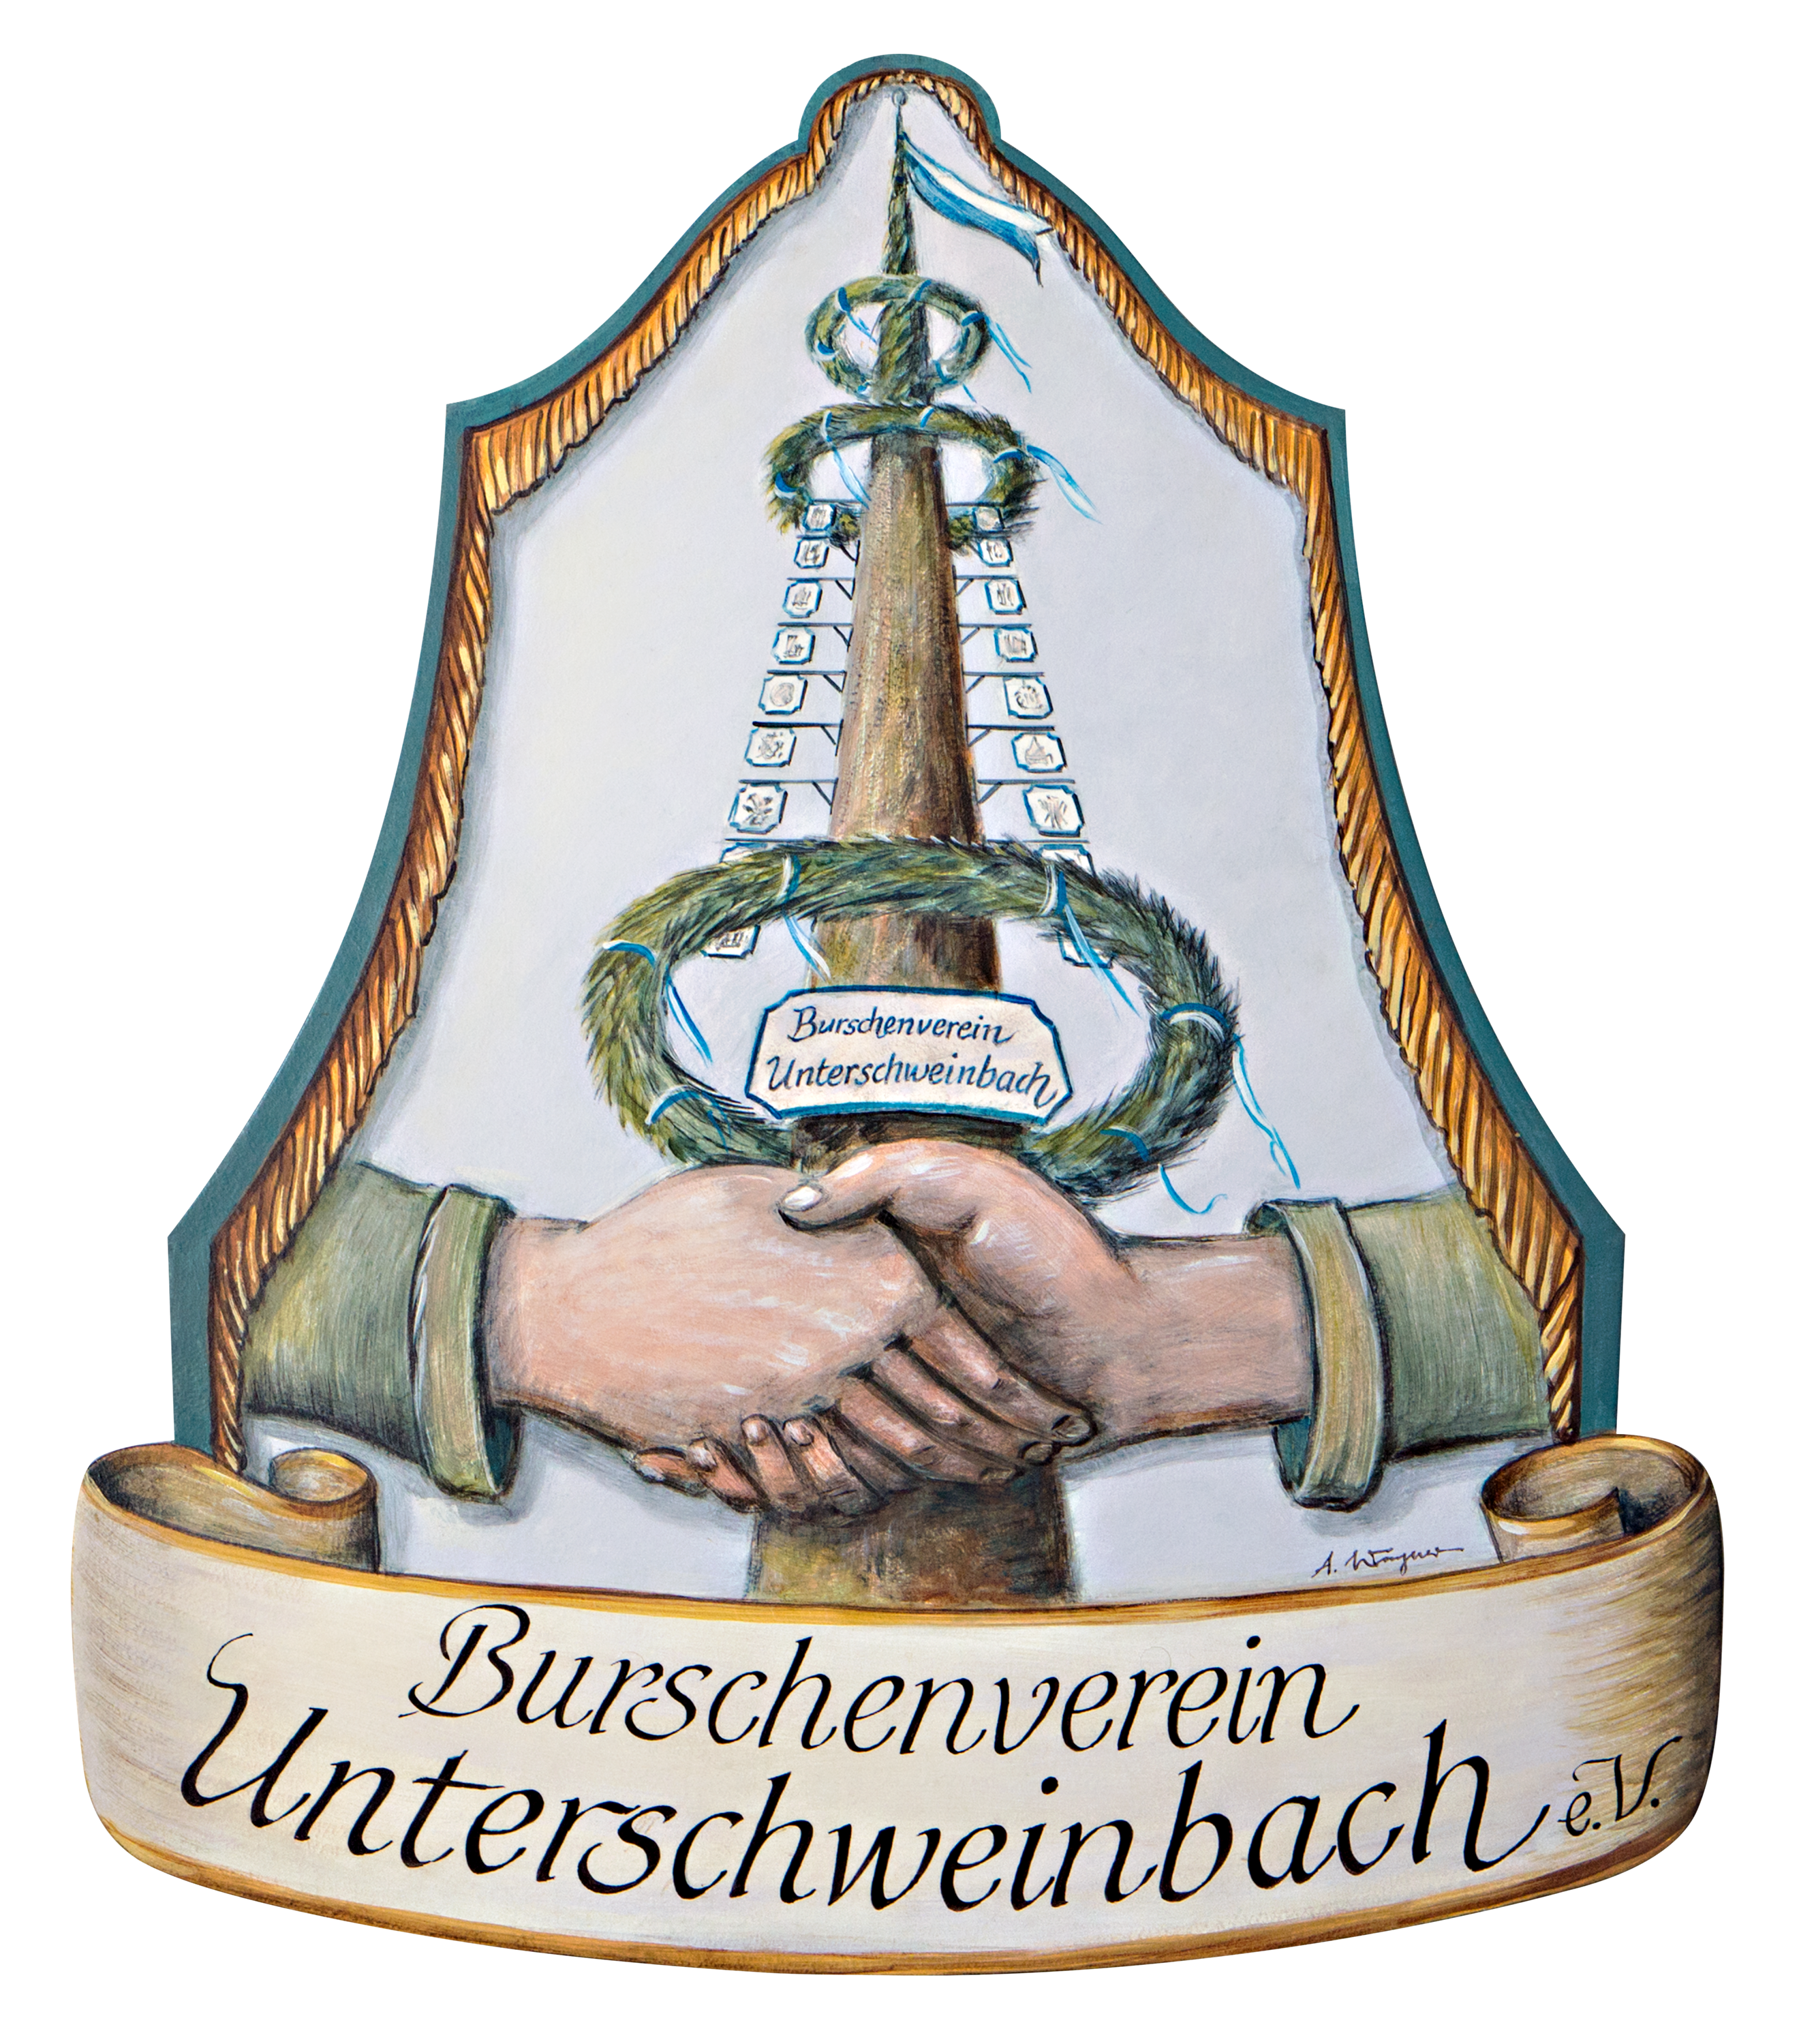 Burschenverein Unterschweinbach